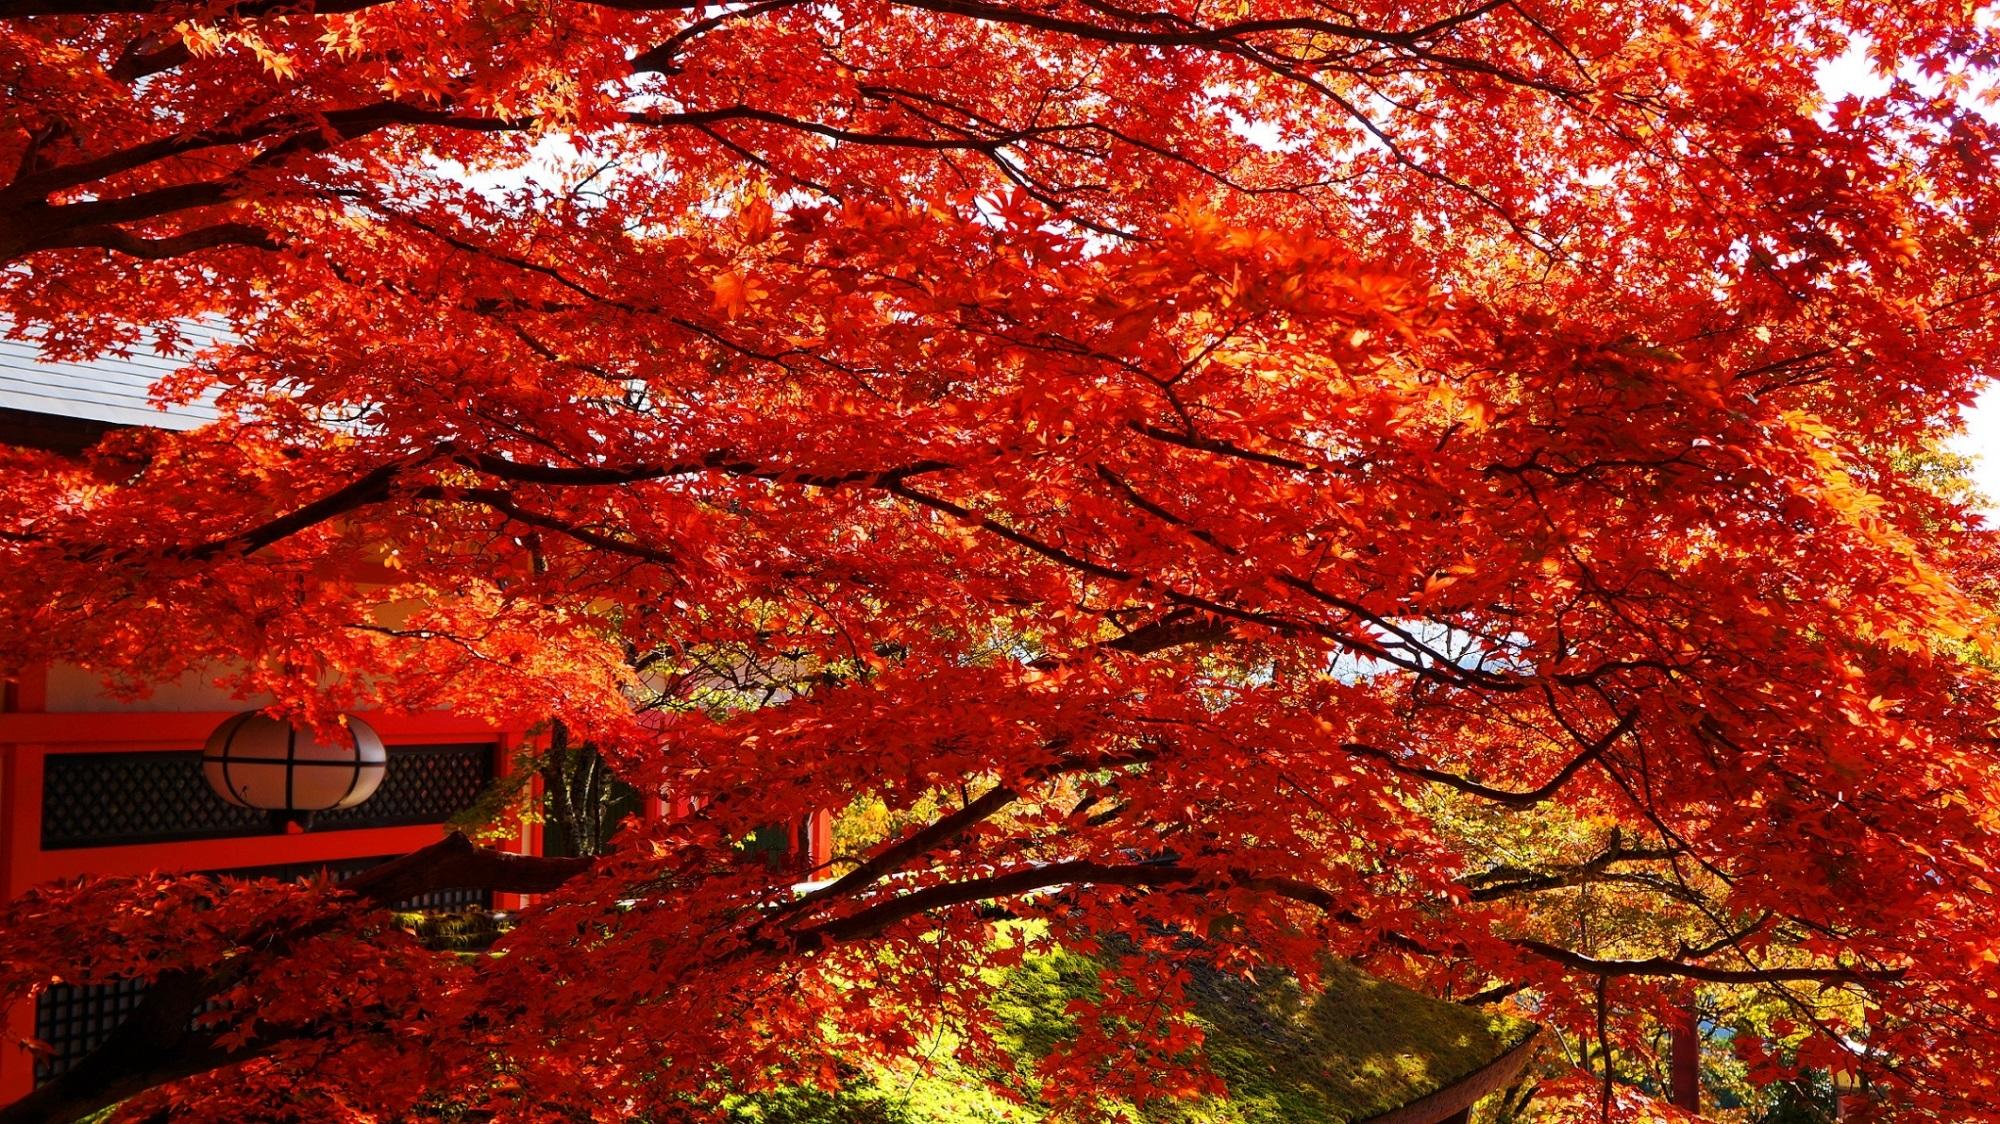 鞍馬寺 紅葉 大自然の真っ赤な紅葉